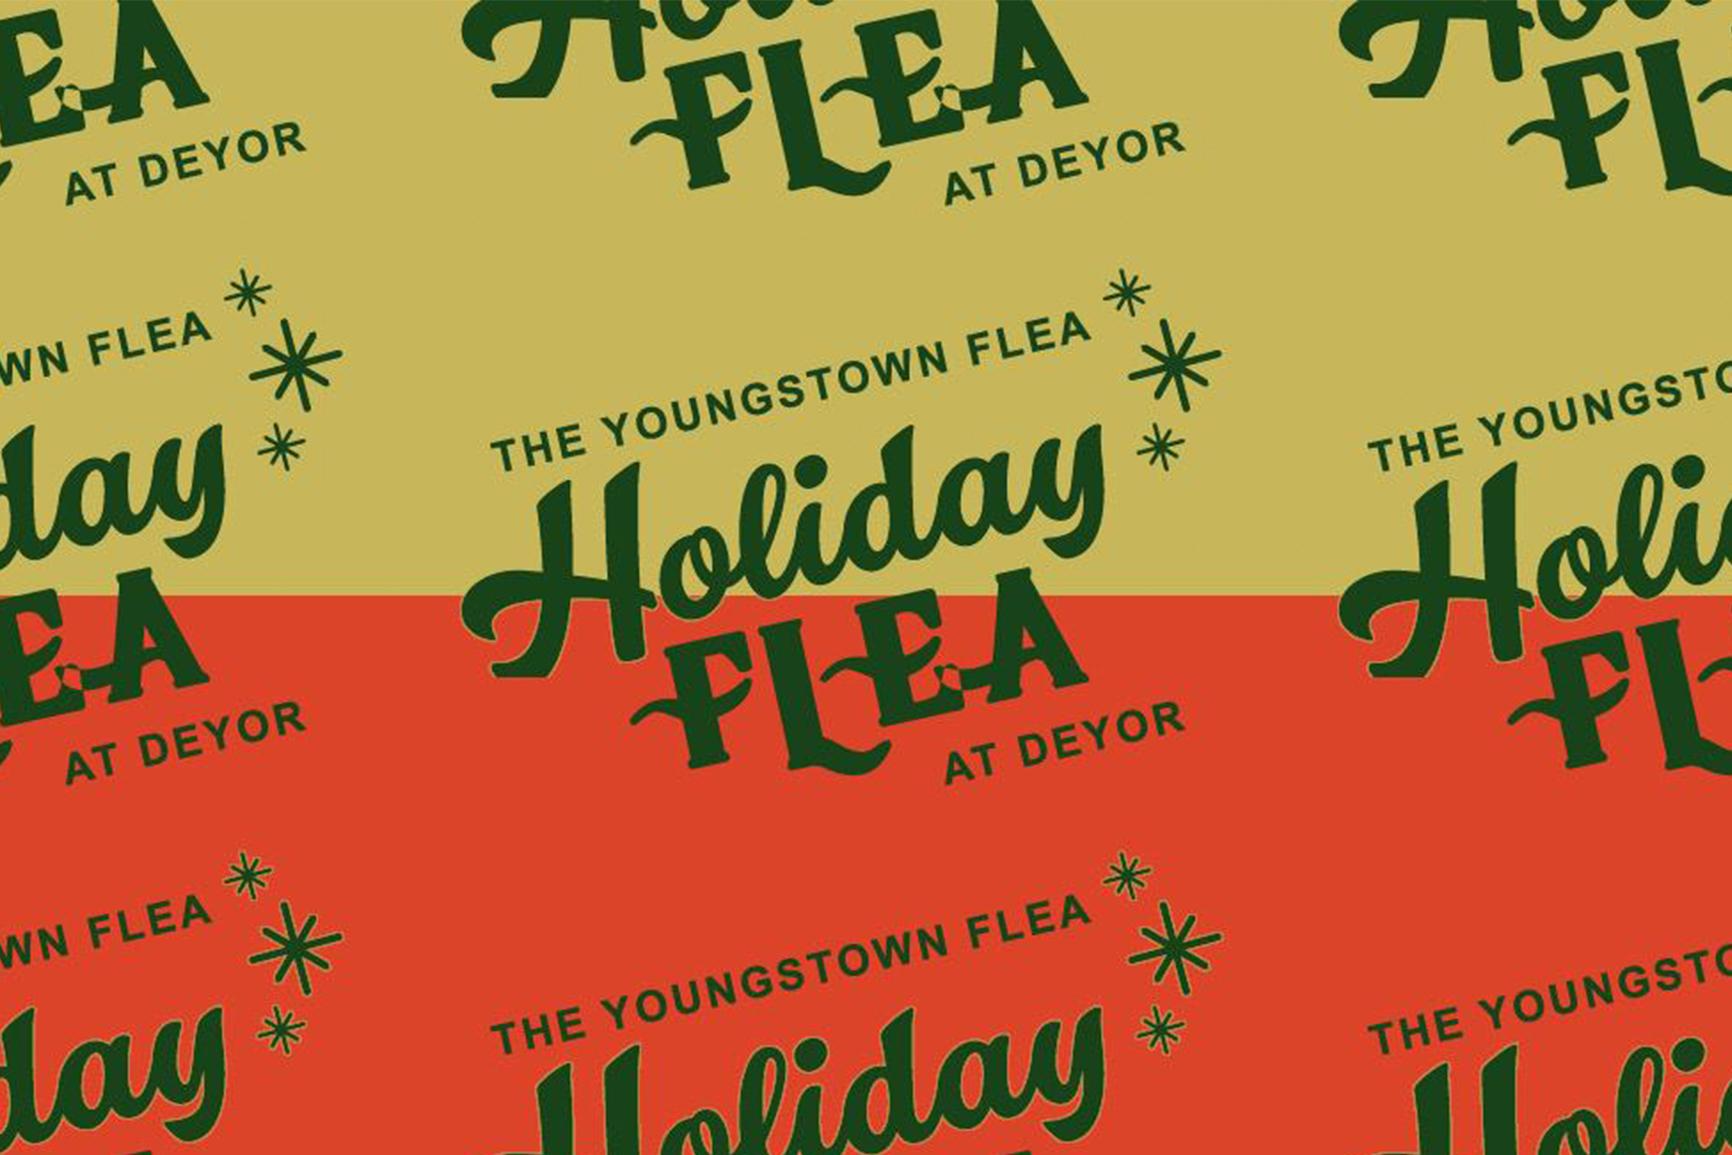 Holiday Flea